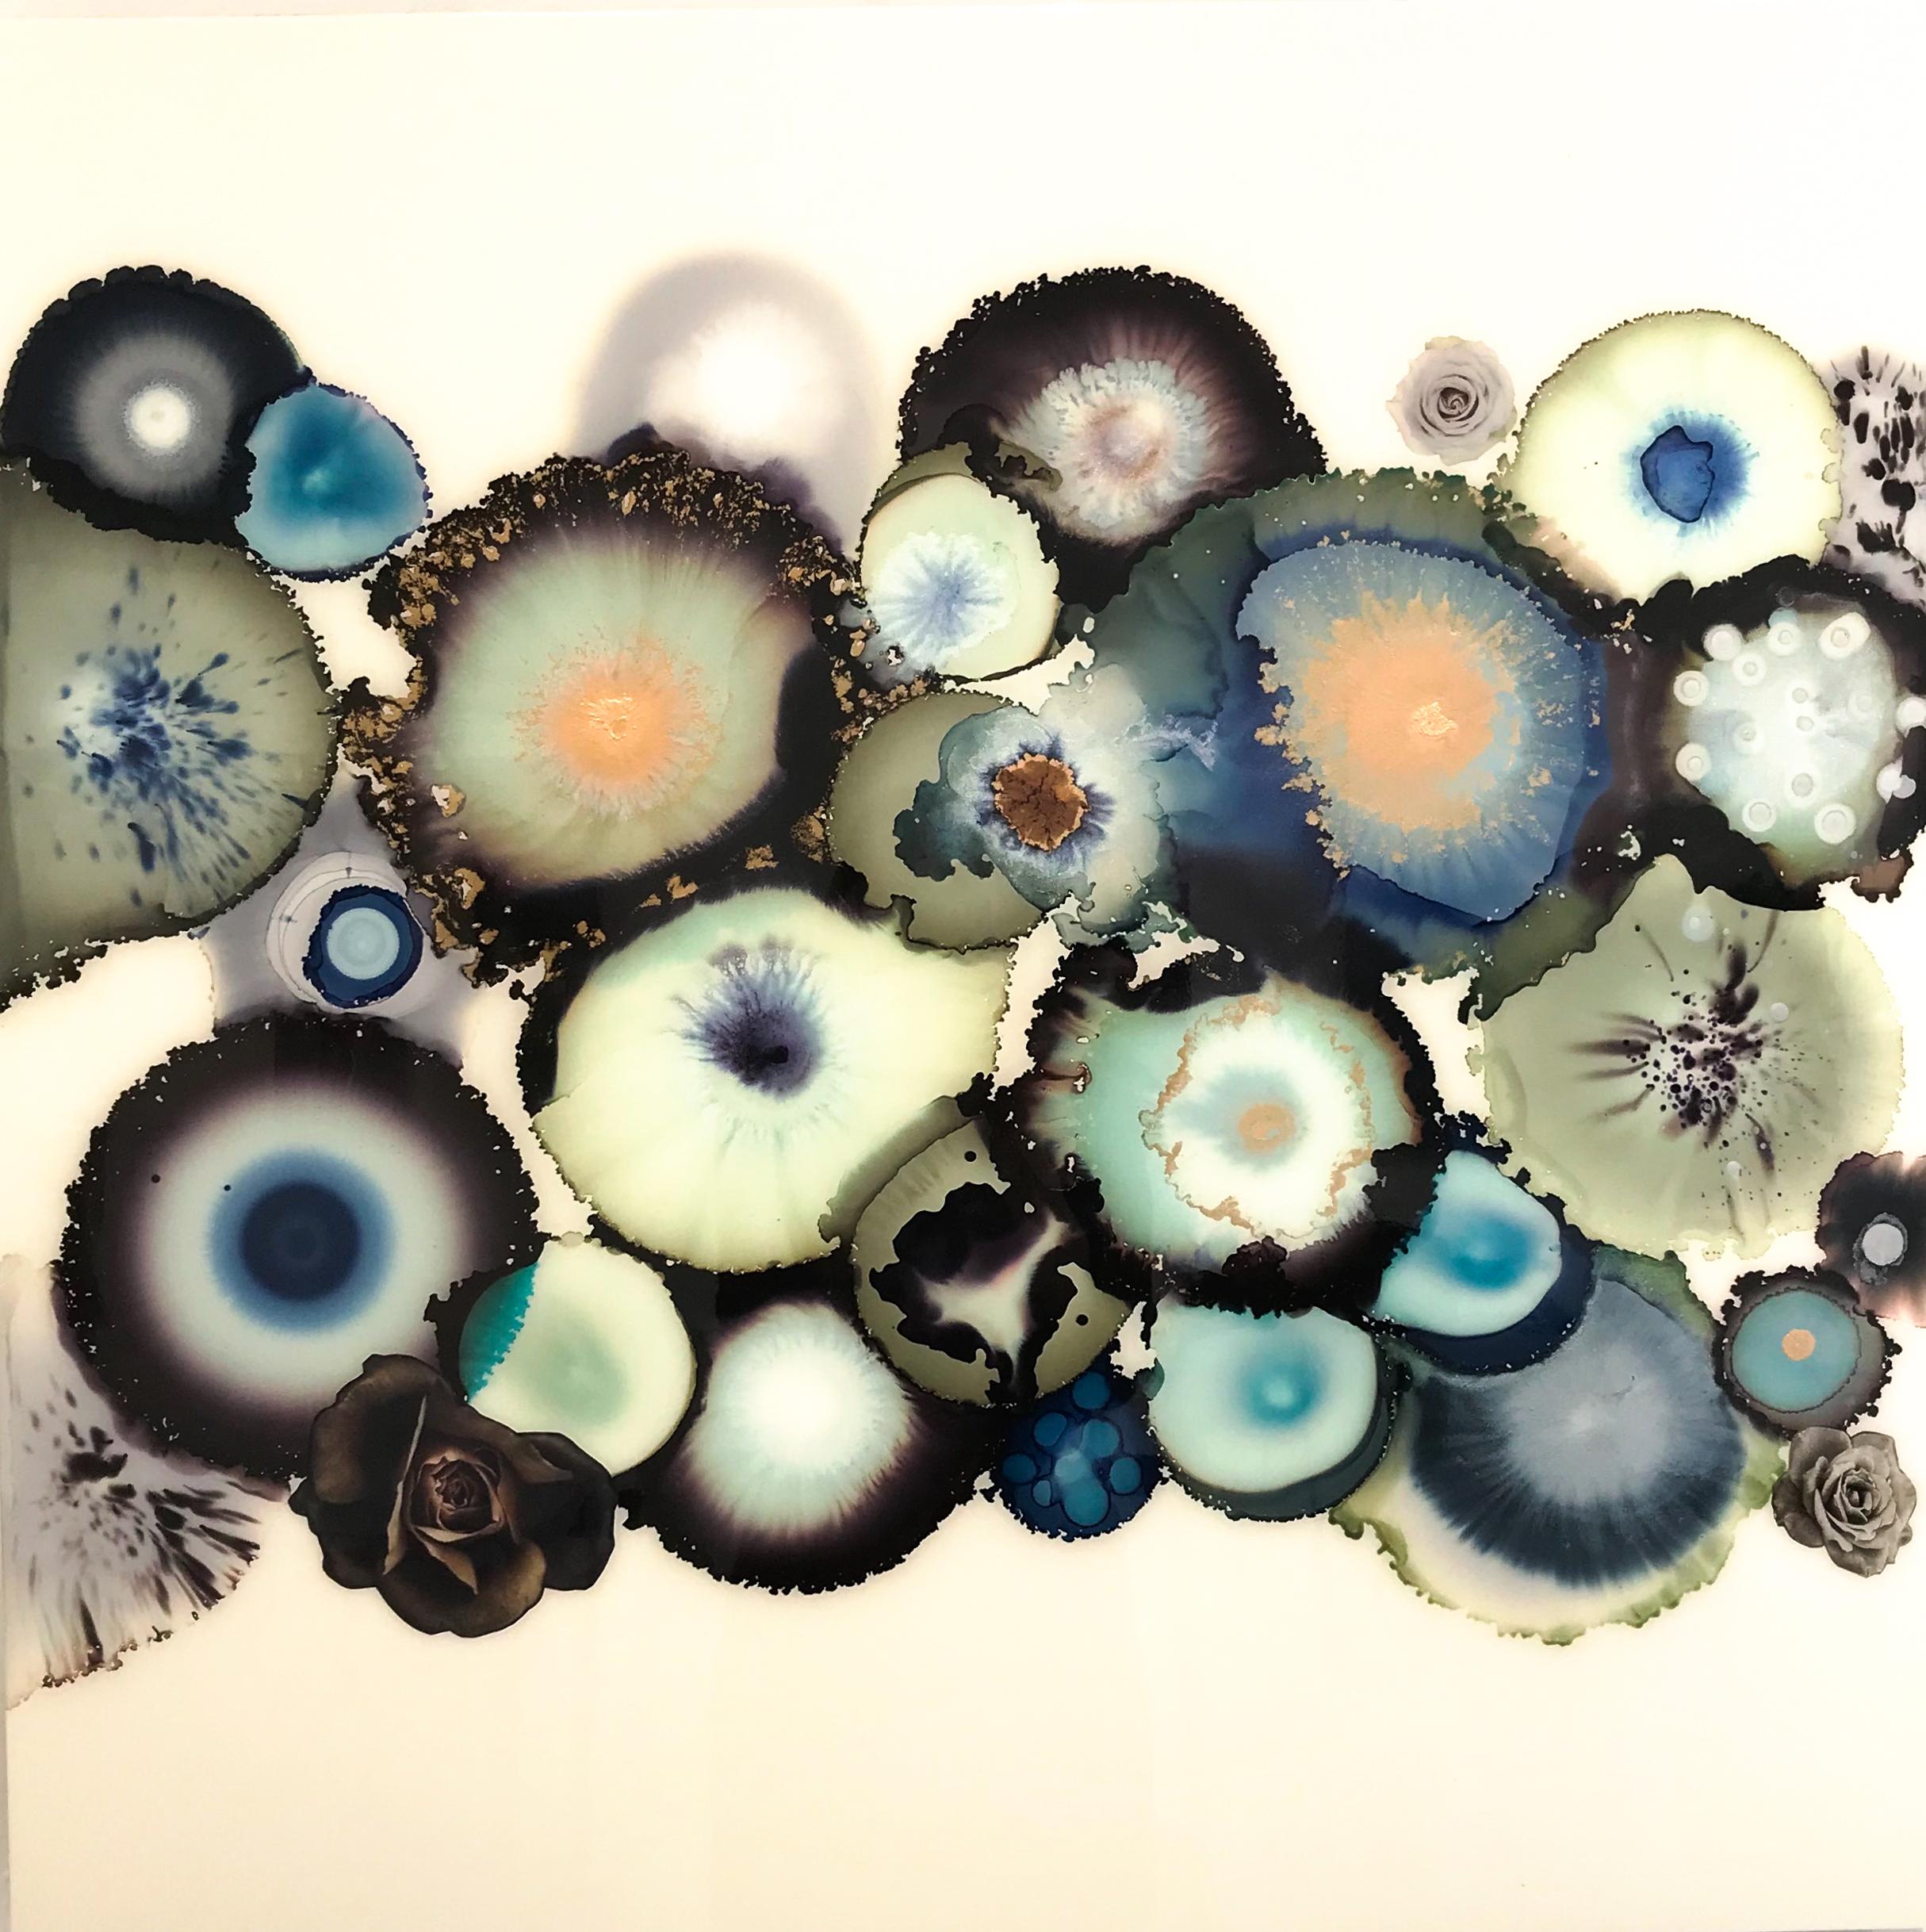 van horne- Glass- mixed media- 30x30 inch- $1600jpg.jpg